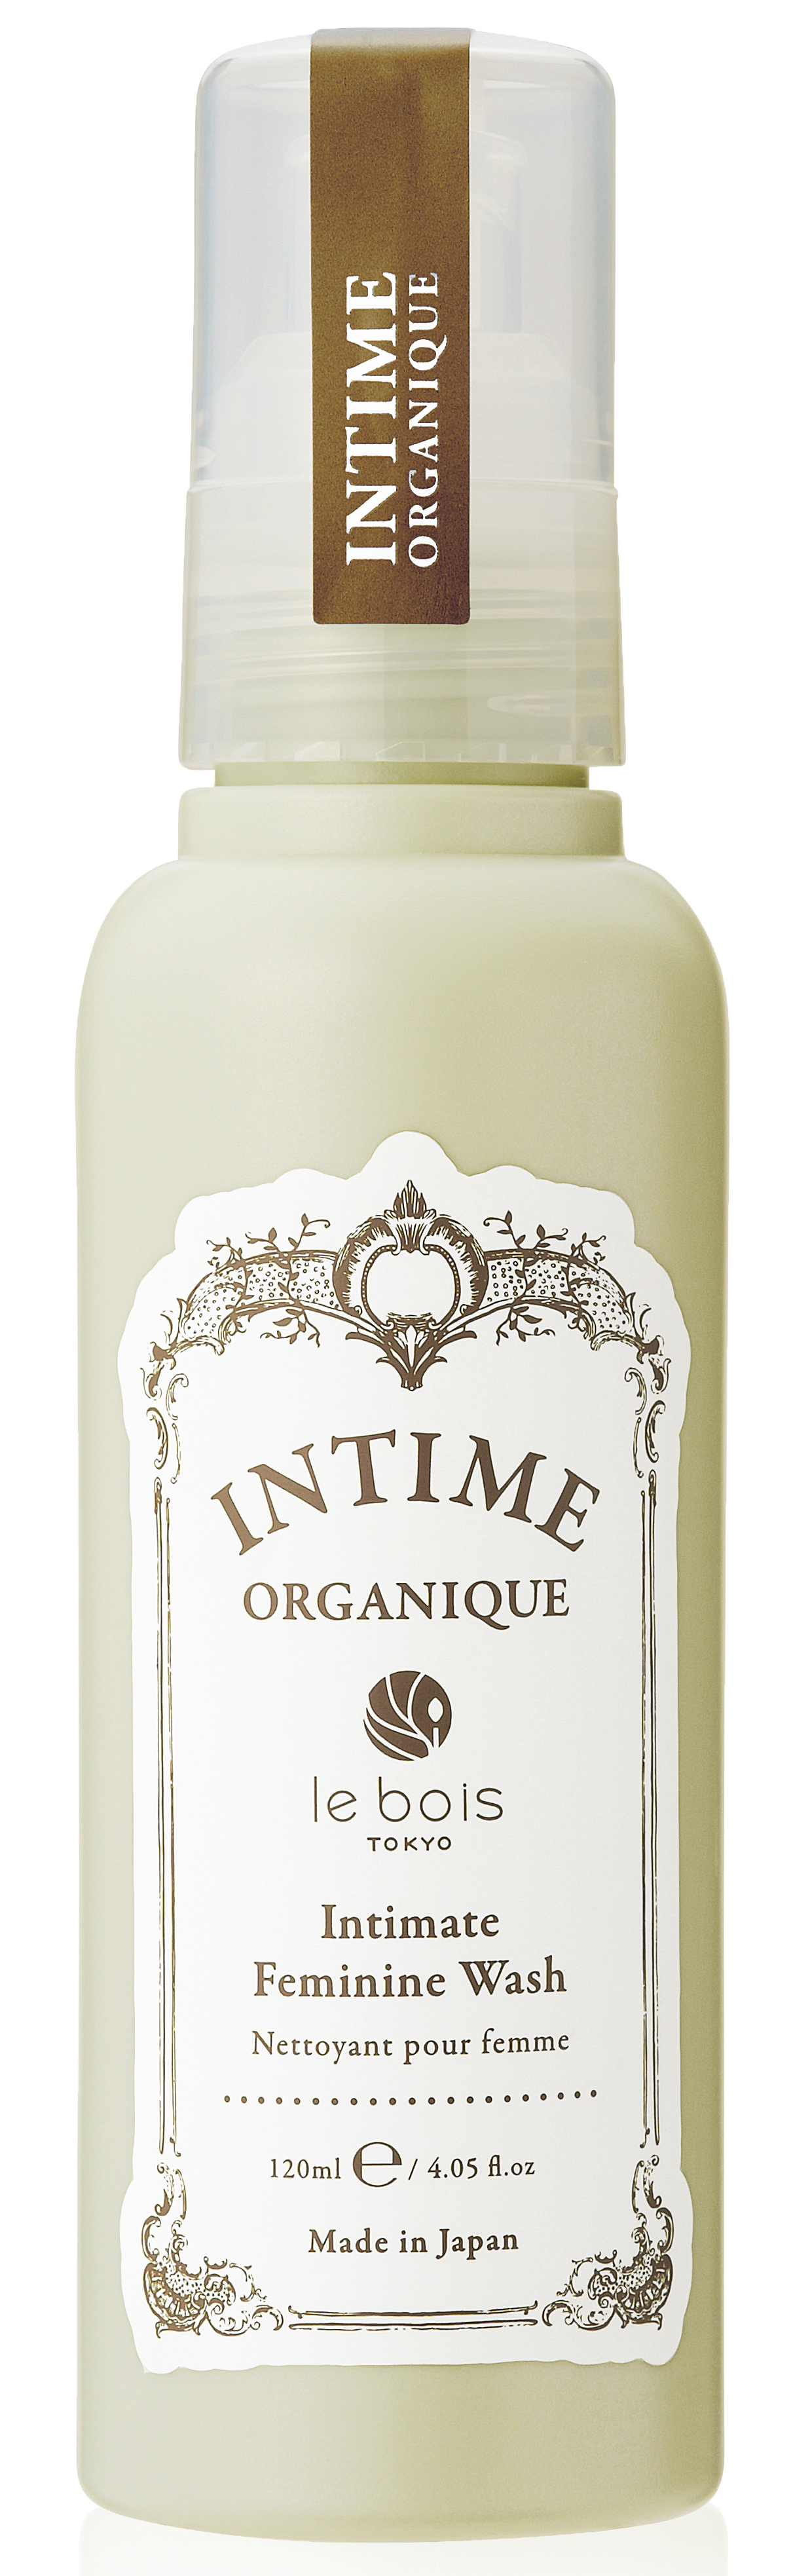 INTIME ORGANIQUE Гель очищающий деликатный для интимной гигиены / Intimate Feminine Wash 120 мл - Гели